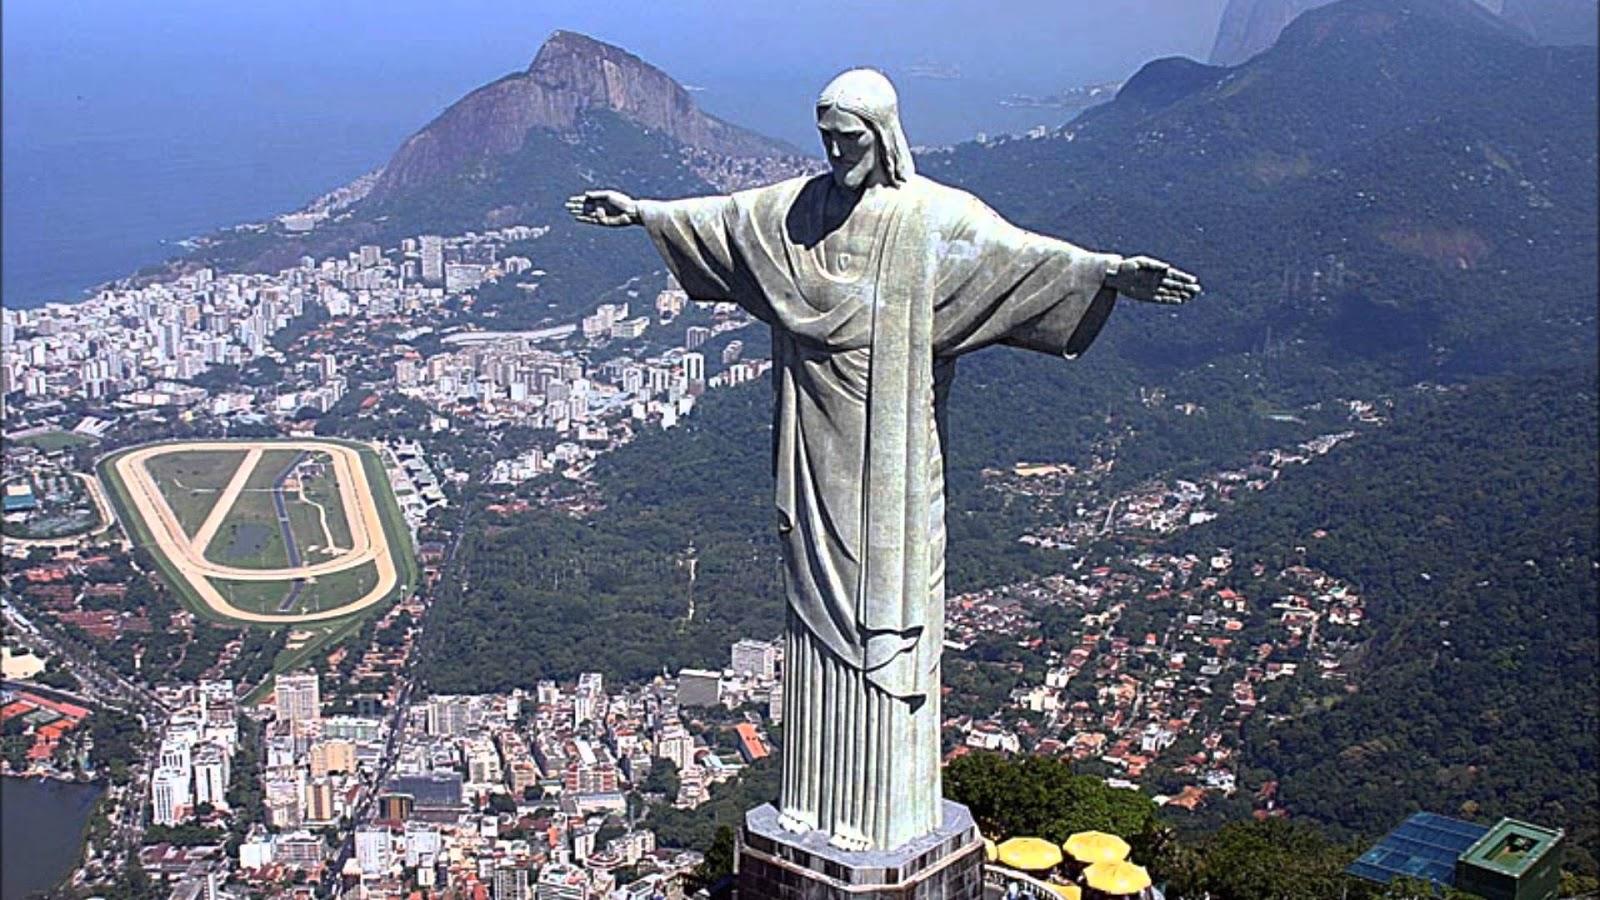 Arquitectura en Latinoamerica: Cristo Redentor - Brasil, Rio de Janeiro